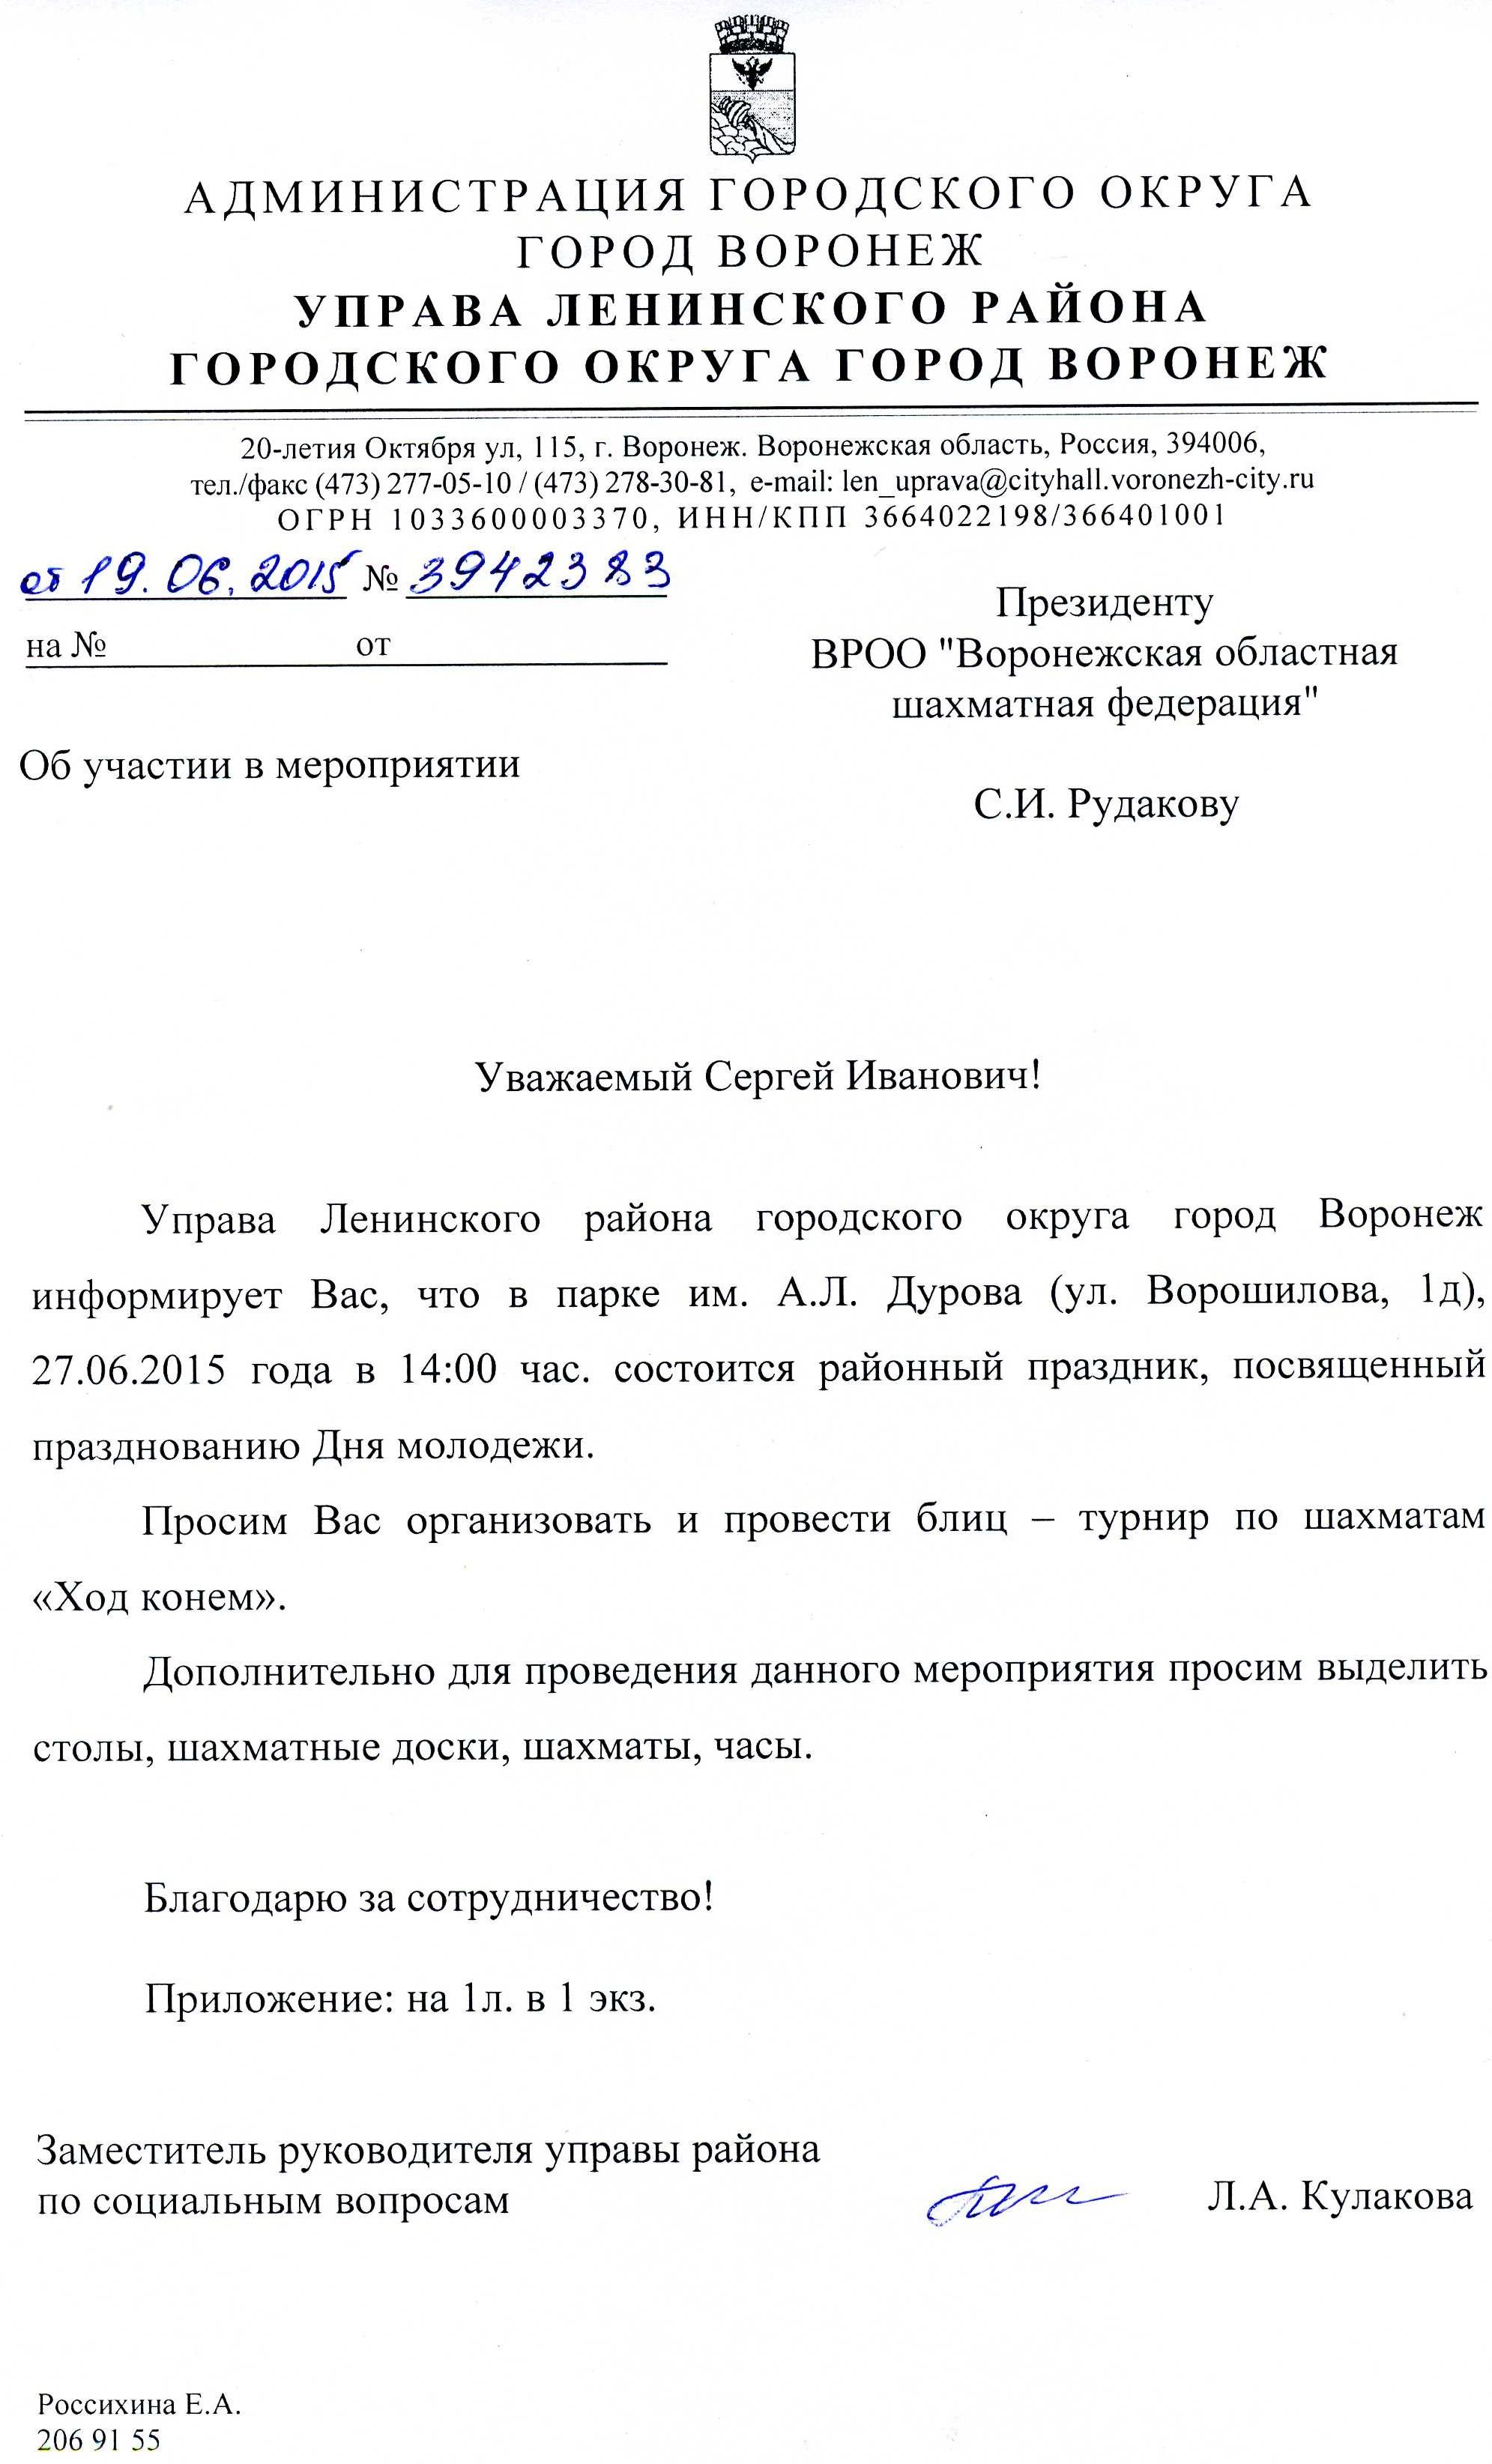 http://sg.uploads.ru/ixUaO.jpg